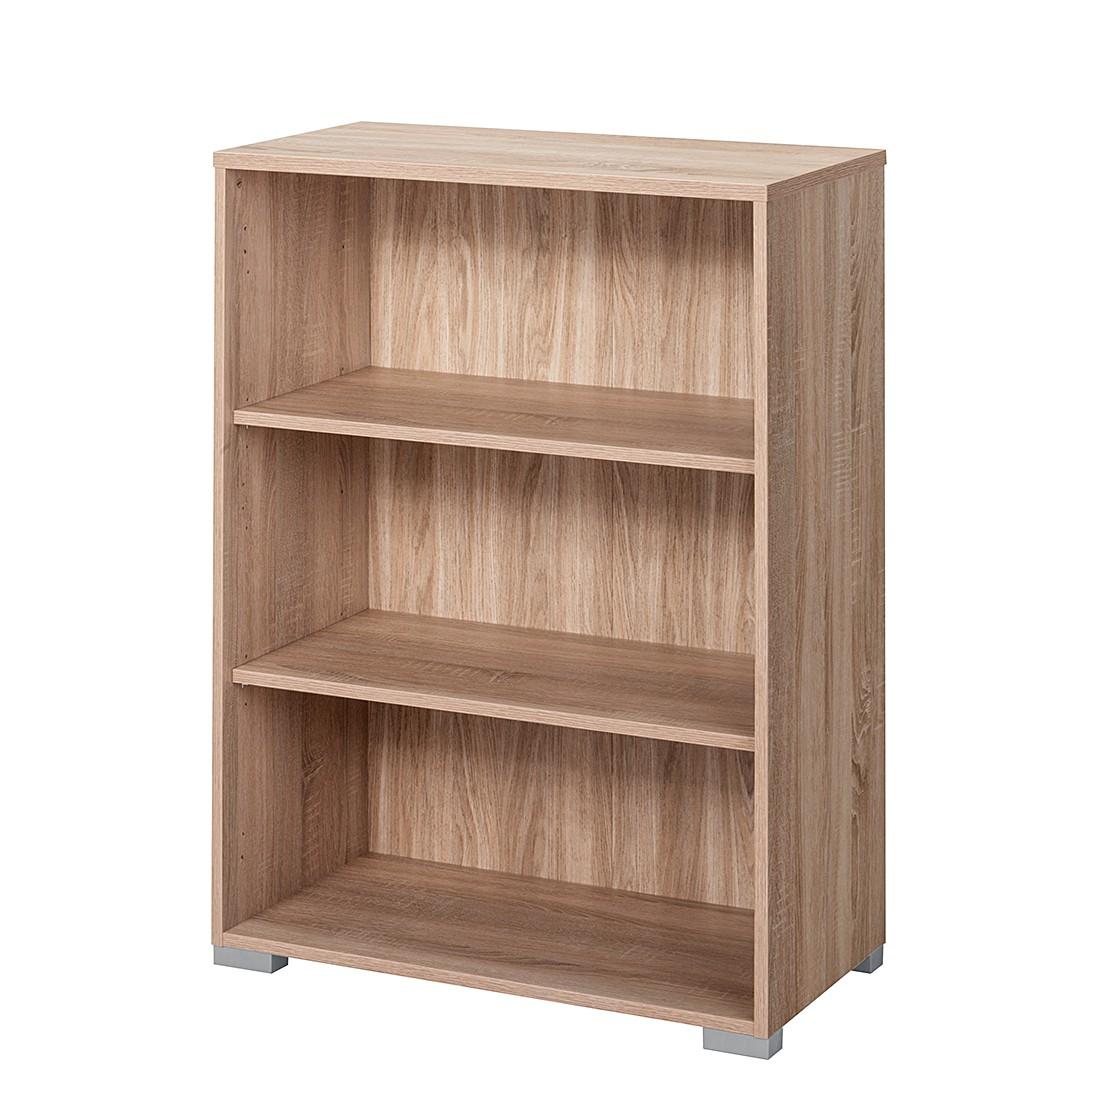 m bel eiche rustikal preisvergleich die besten angebote online kaufen. Black Bedroom Furniture Sets. Home Design Ideas